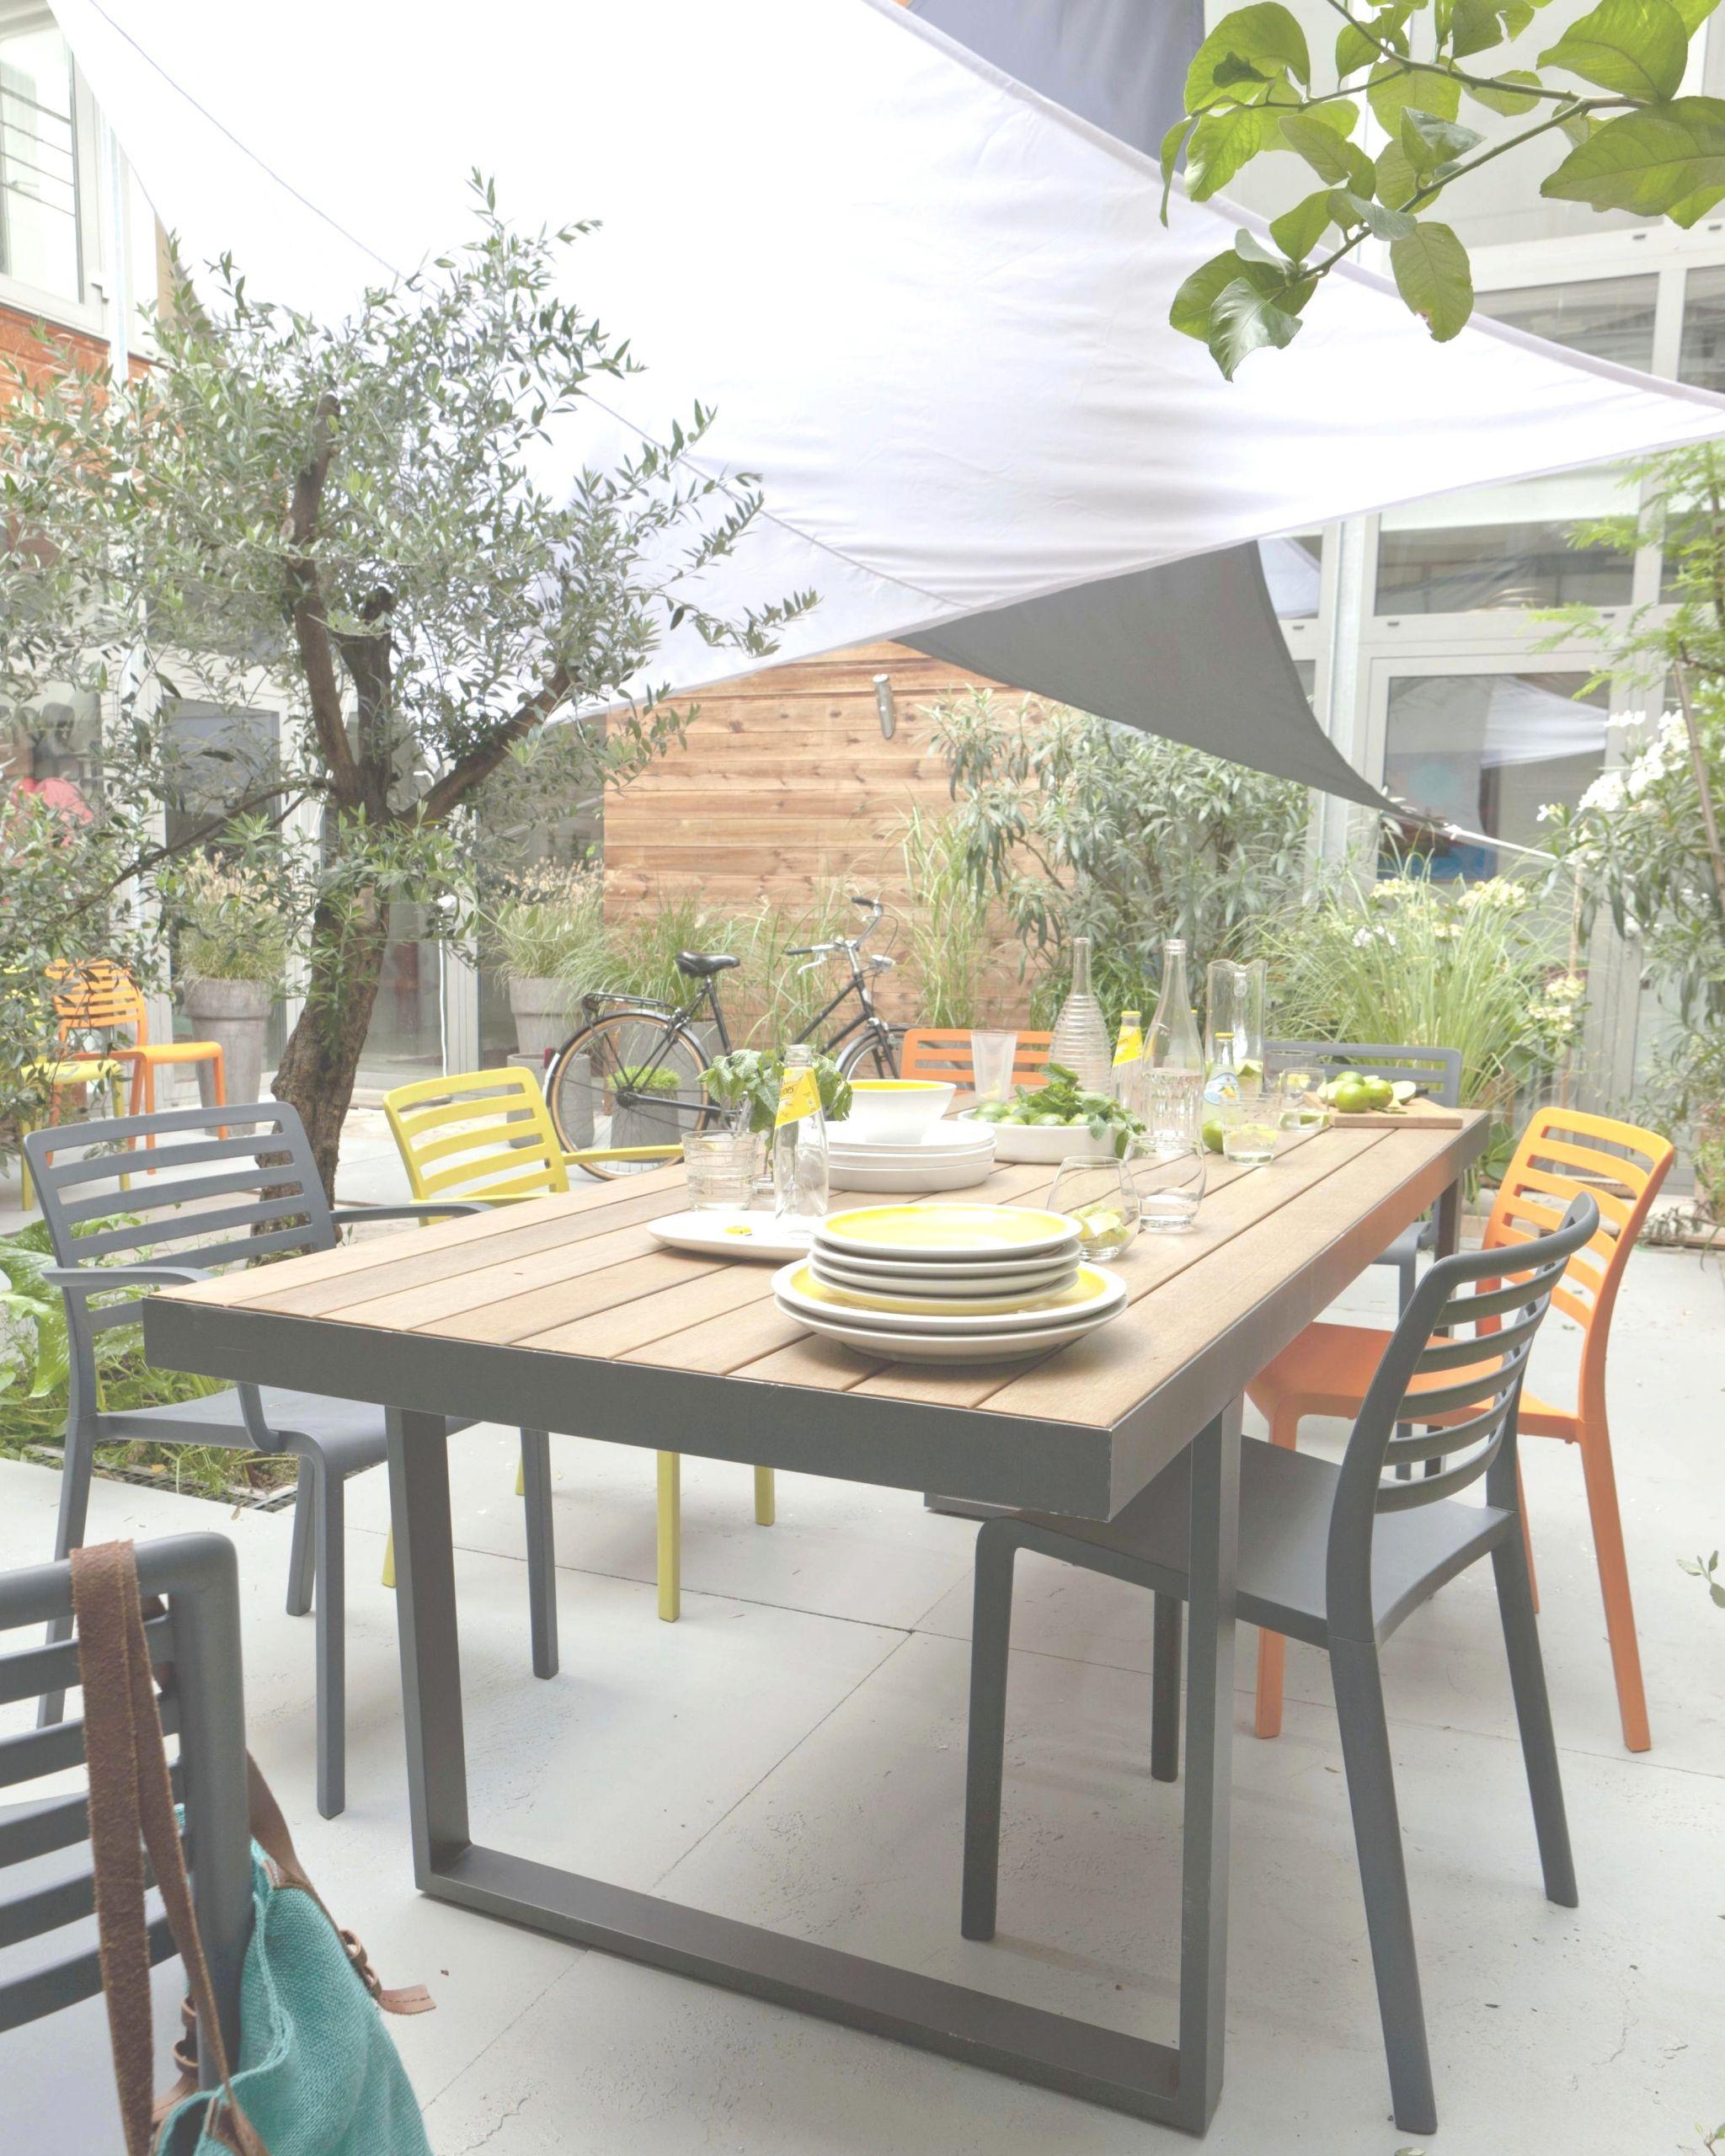 salon de jardin en aluminium castorama beautiful elegant salon de avec mobilier jardin castorama beau chaise luxembourg gracieux chaise salon de jardin aluminium of mobilier jardin castorama et salon